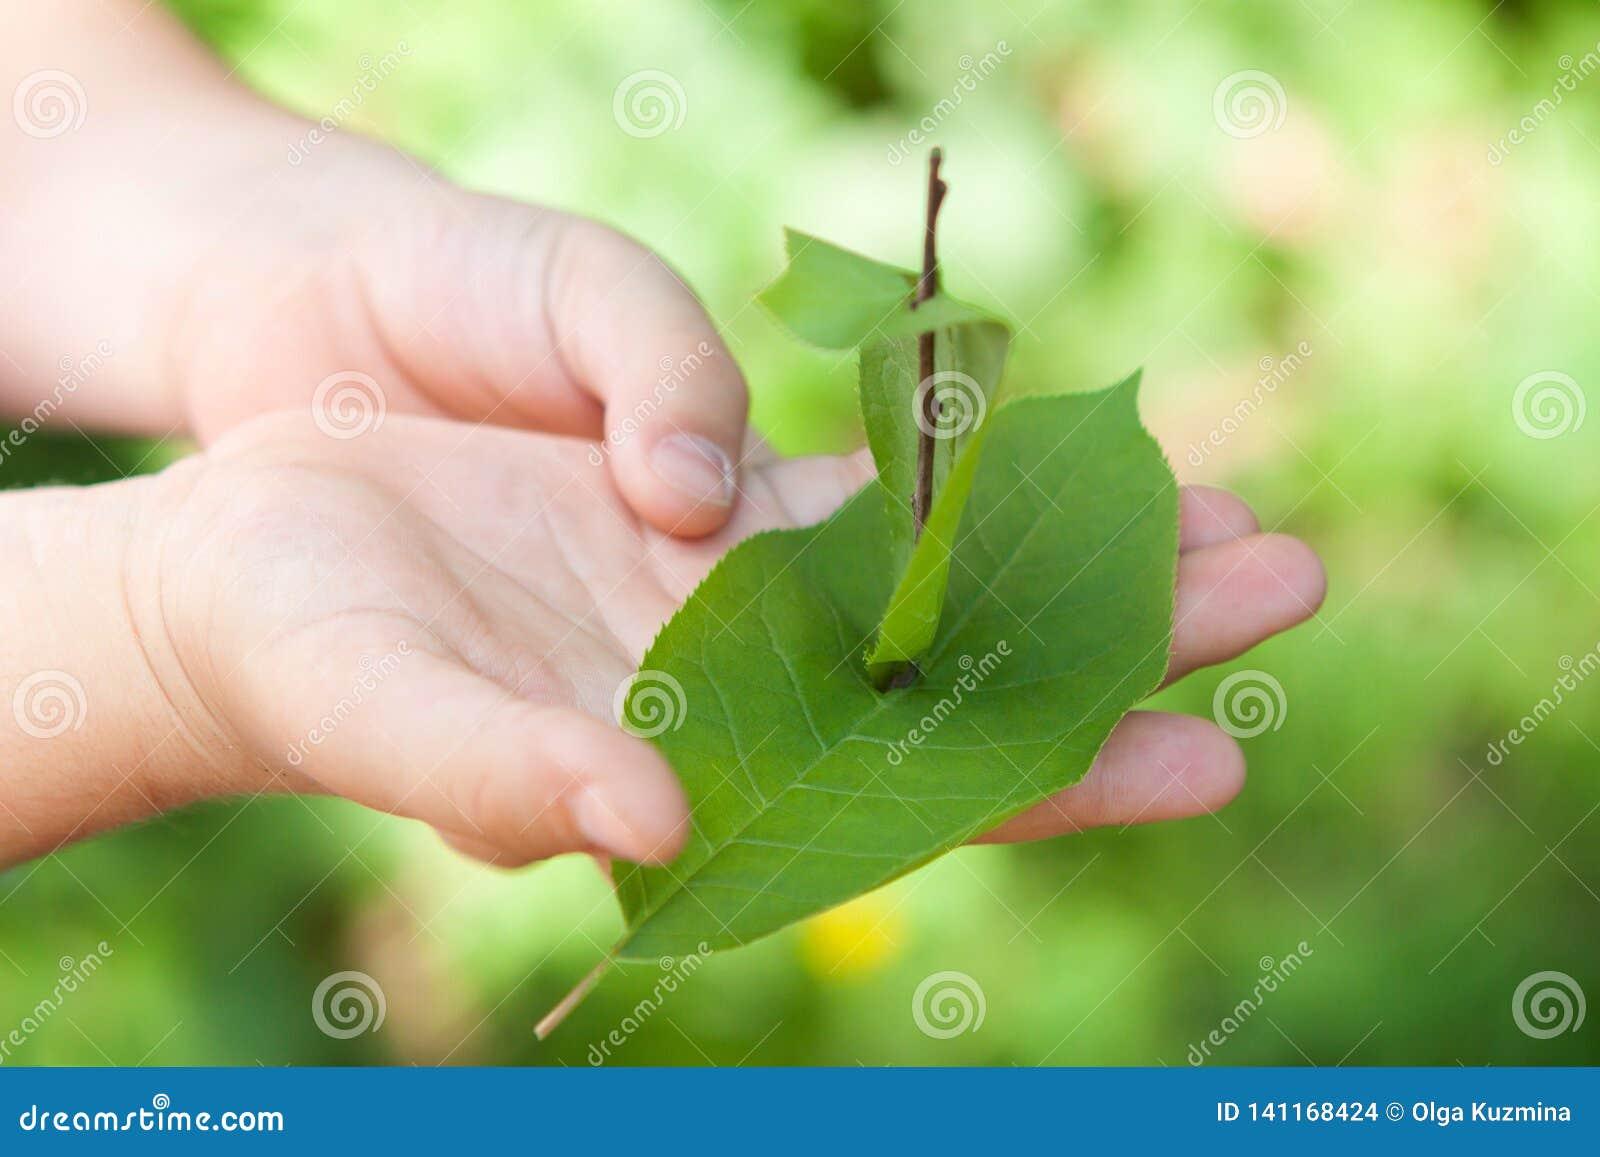 Корабль листьев в руках маленького ребенка лето дня солнечное